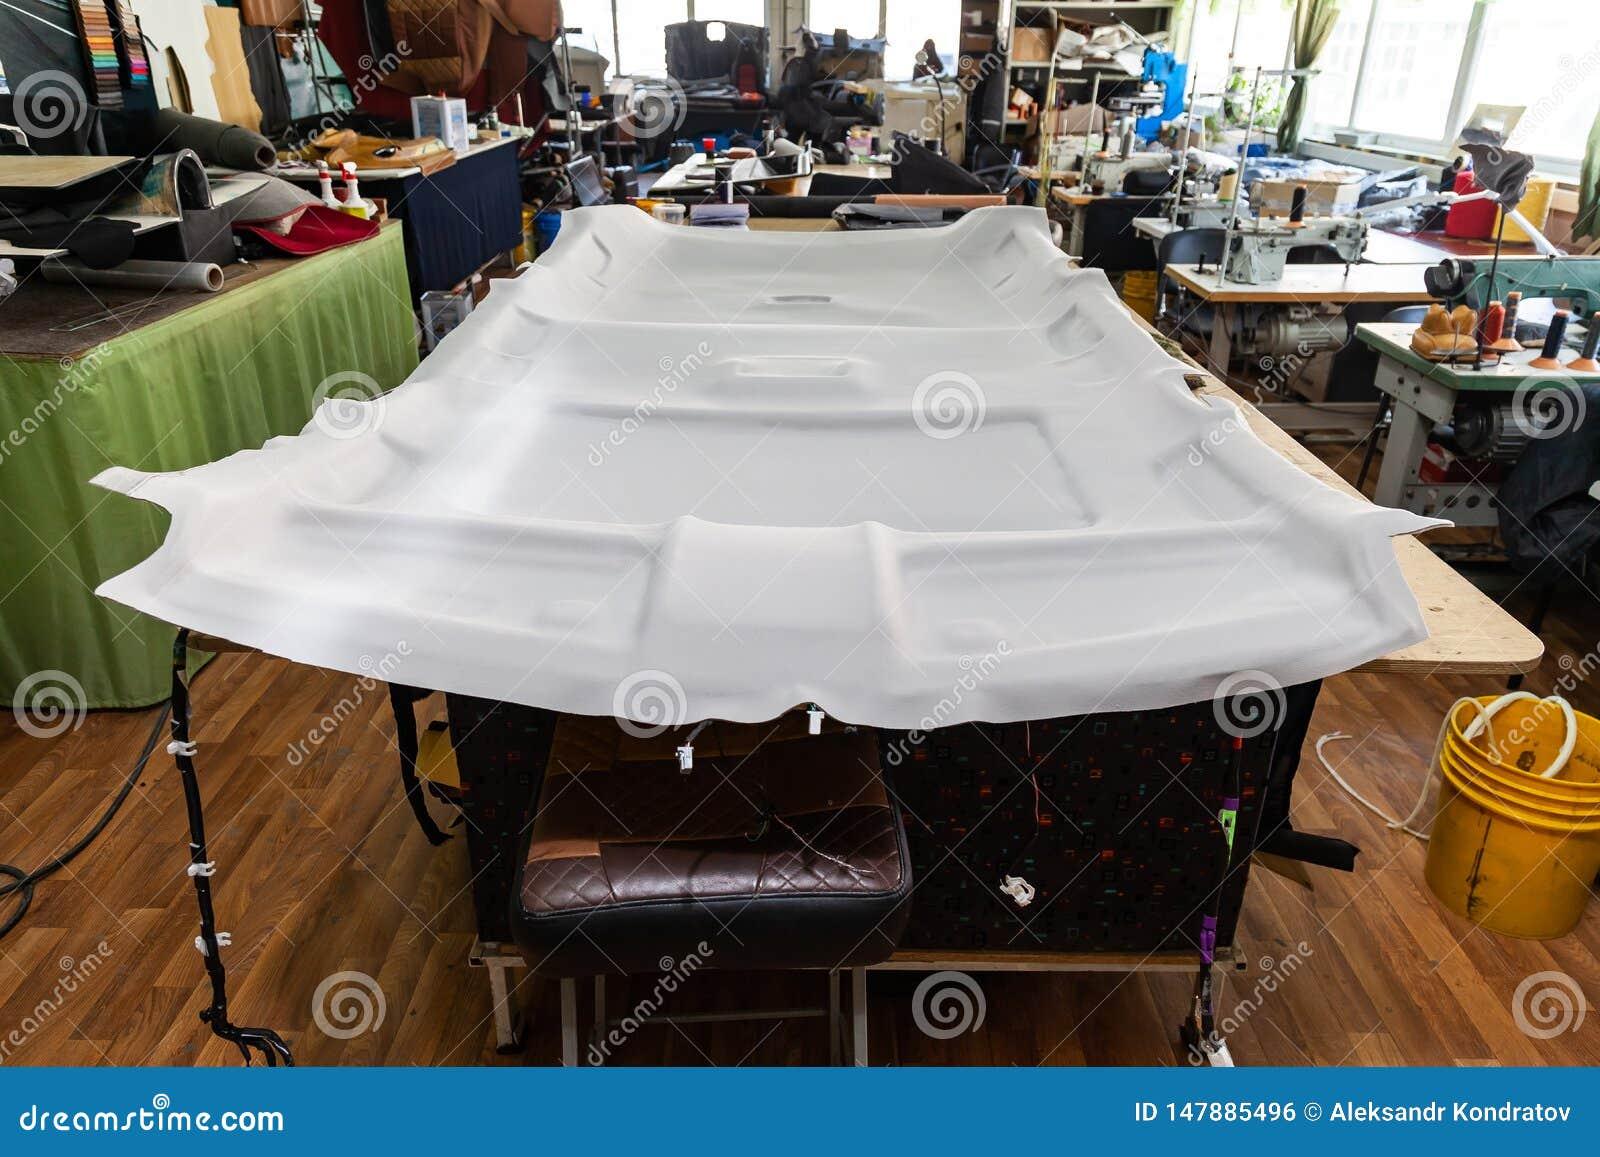 Forro de teto cinzento removido do carro para ajustar e apoiar com o material macio cinzento em uma tabela na oficina no